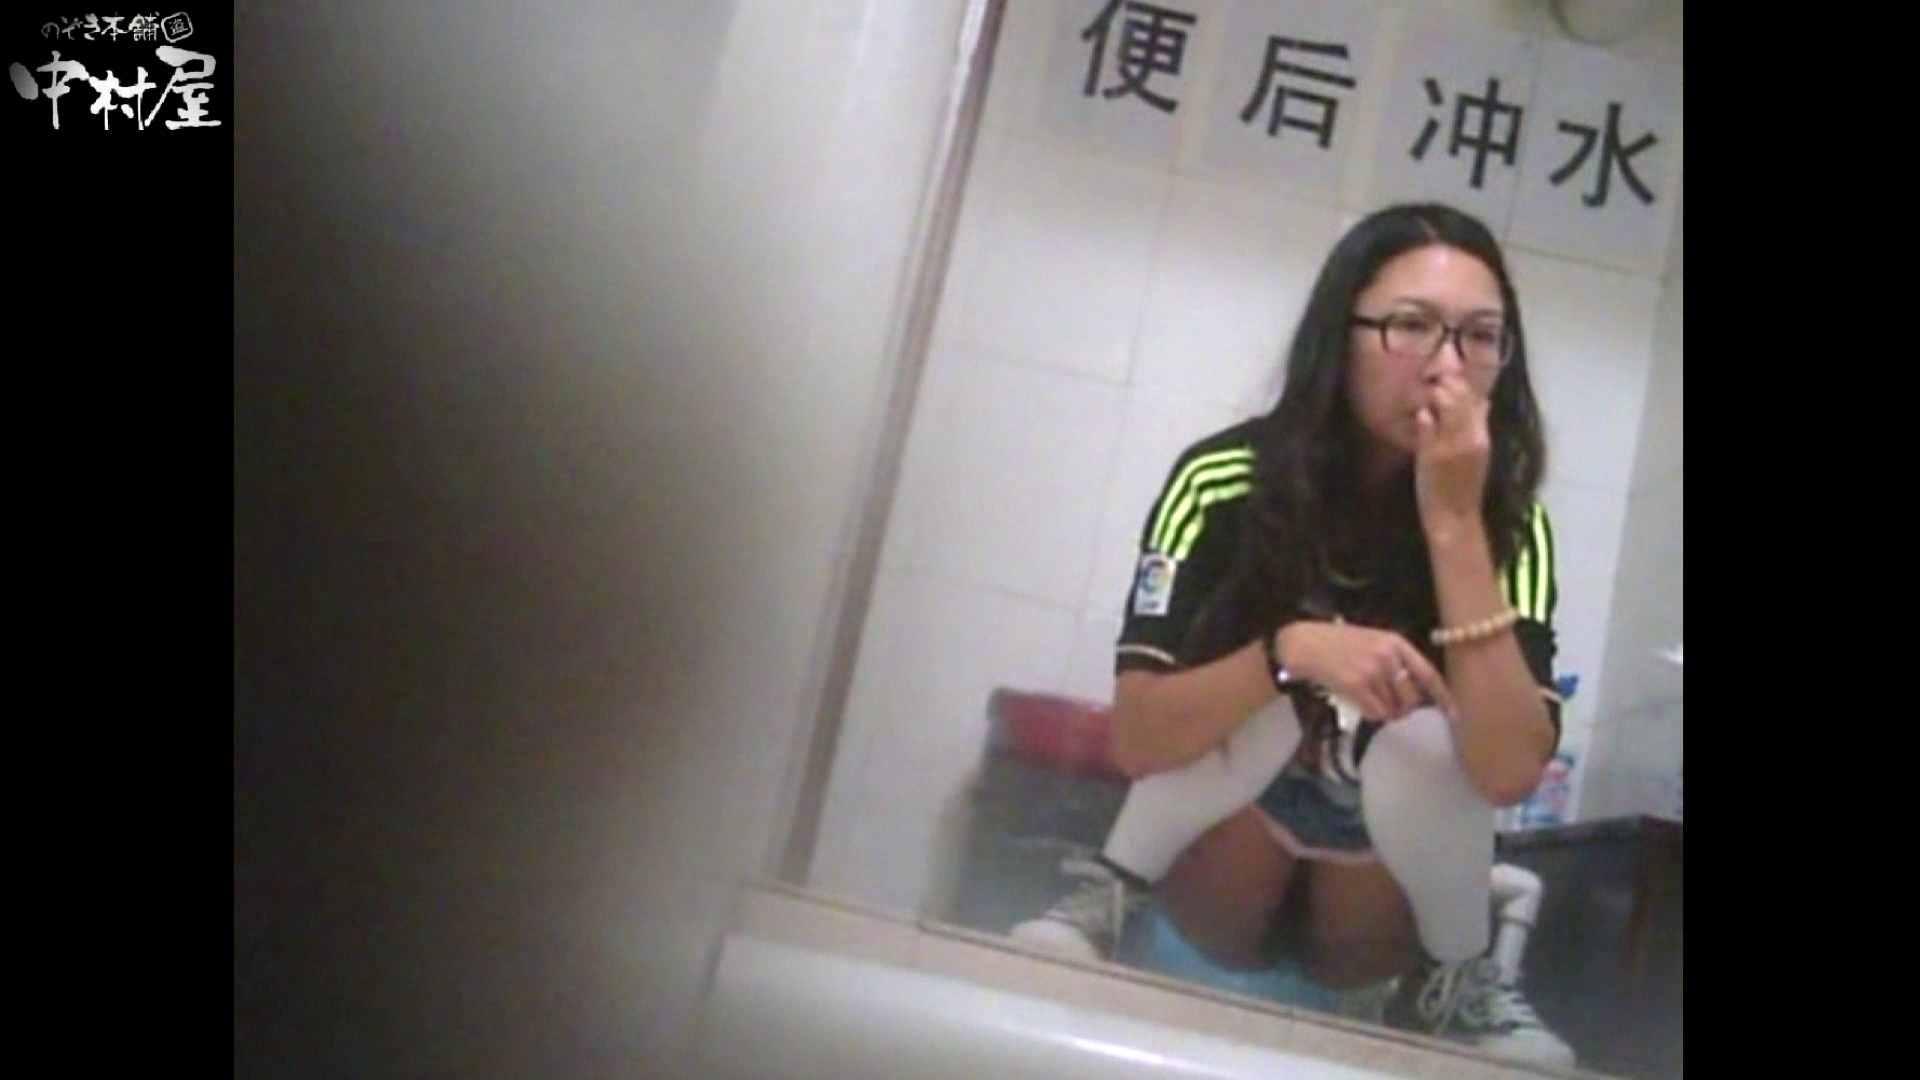 李さんの盗撮日記 Vol.13 OLのエロ生活 セックス画像 43連発 7